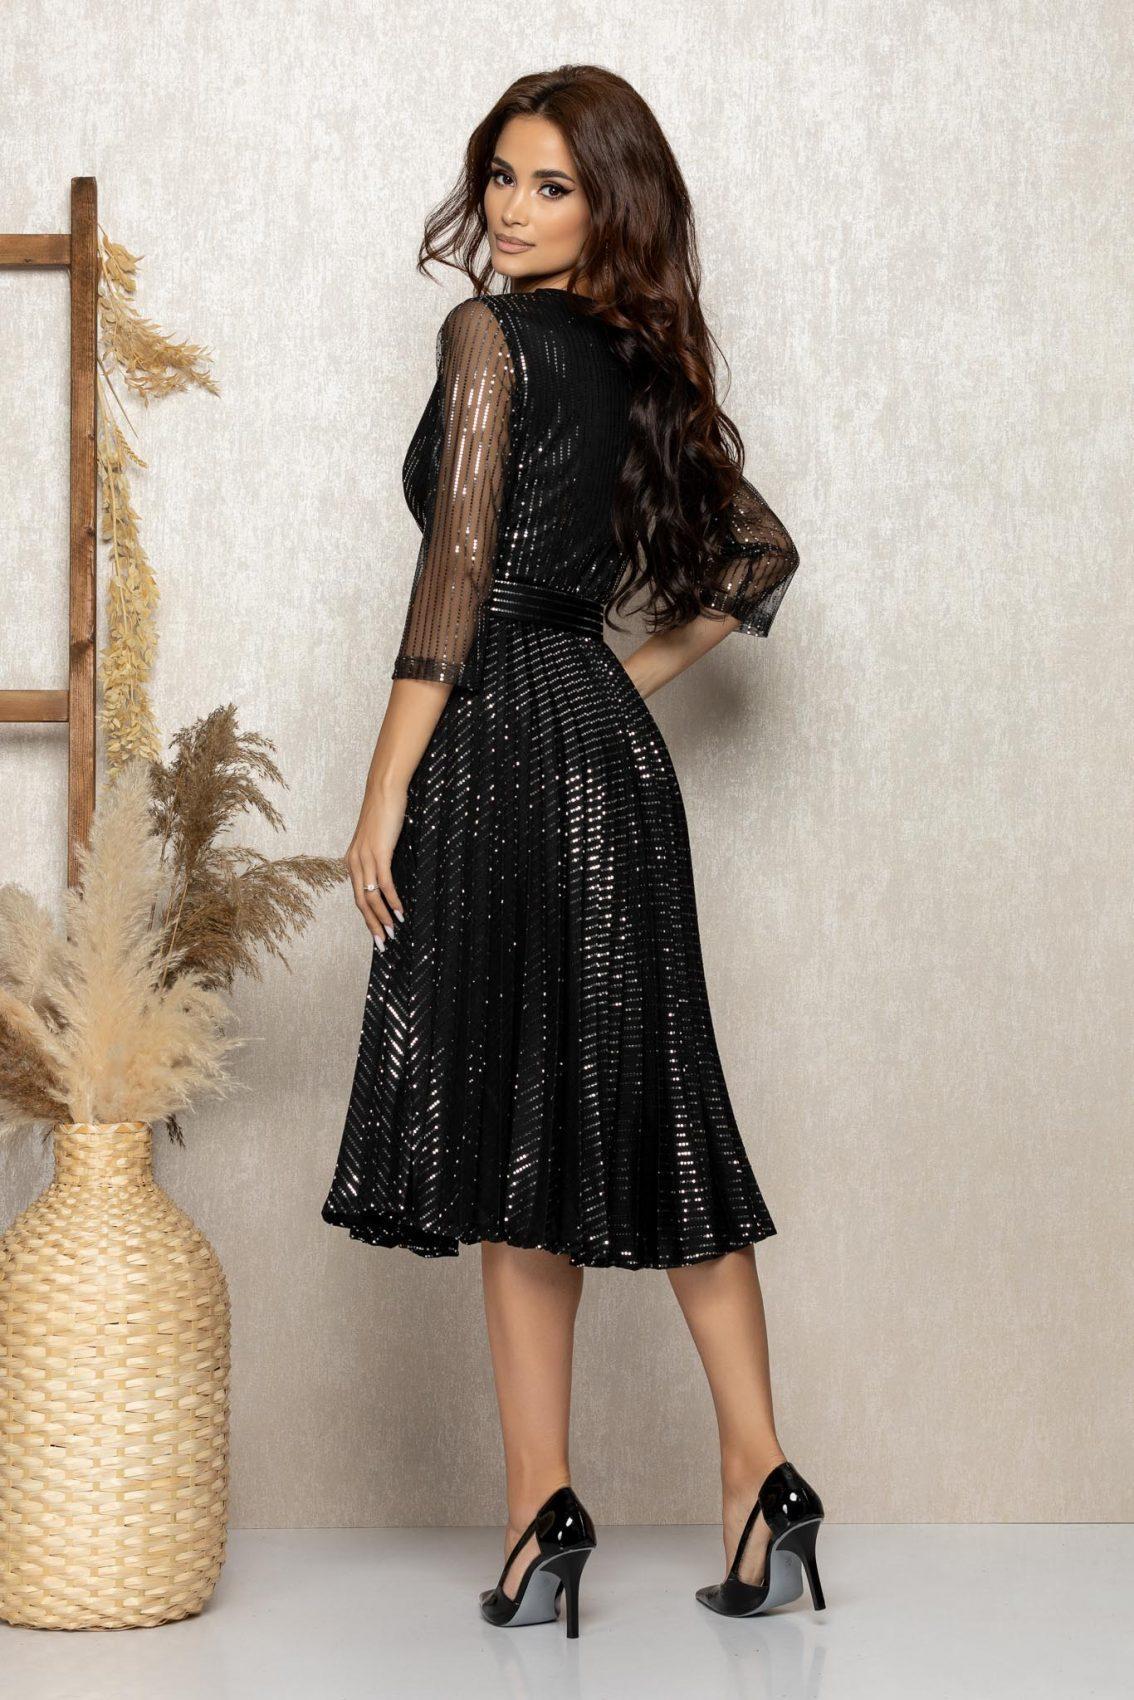 Μαύρο Μίντι Βραδινό Πλισέ Φόρεμα Delilah T289 2